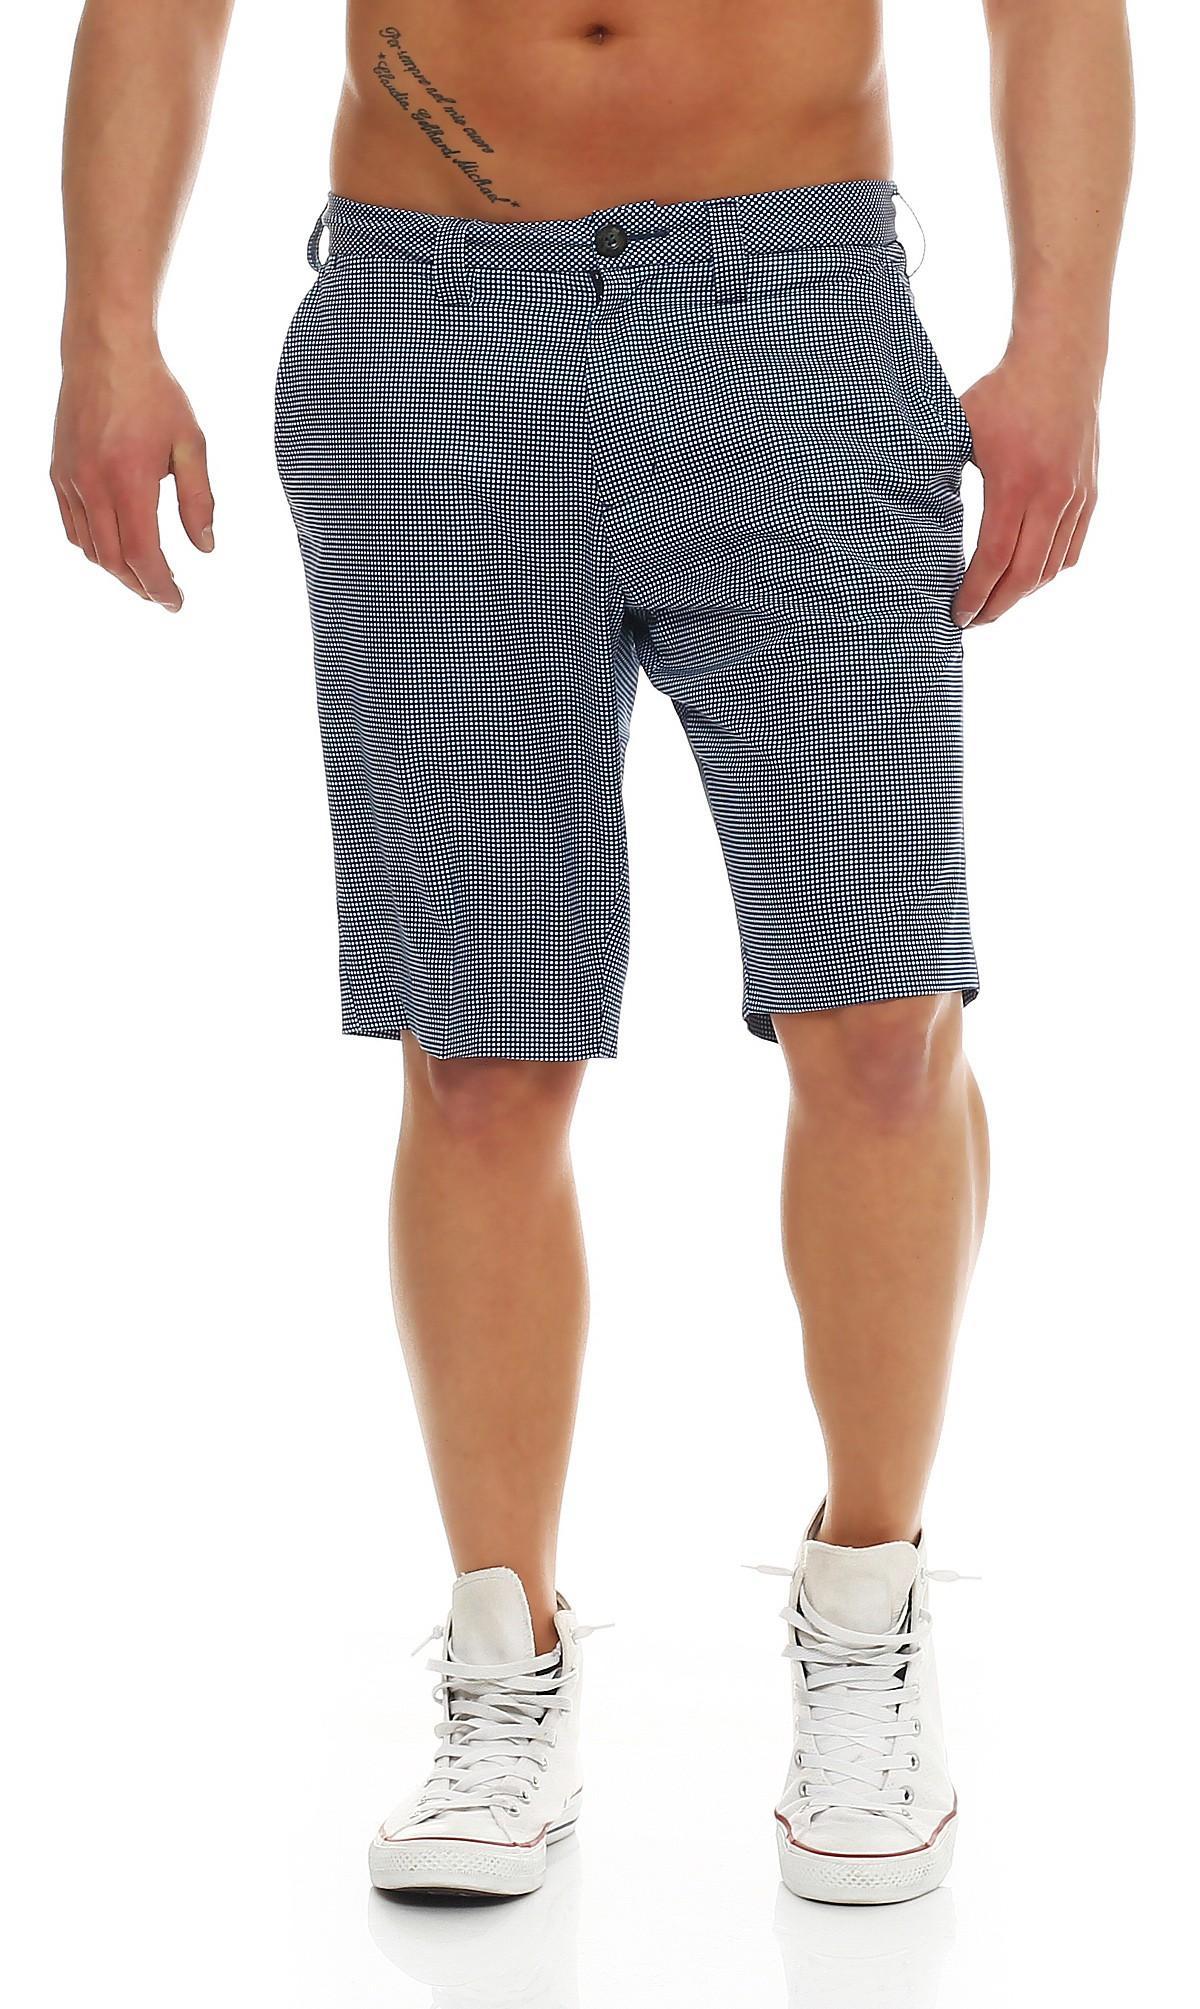 hochwertige tommy hilfiger herren golf shorts mit logo und taschen freizeitkleidung. Black Bedroom Furniture Sets. Home Design Ideas